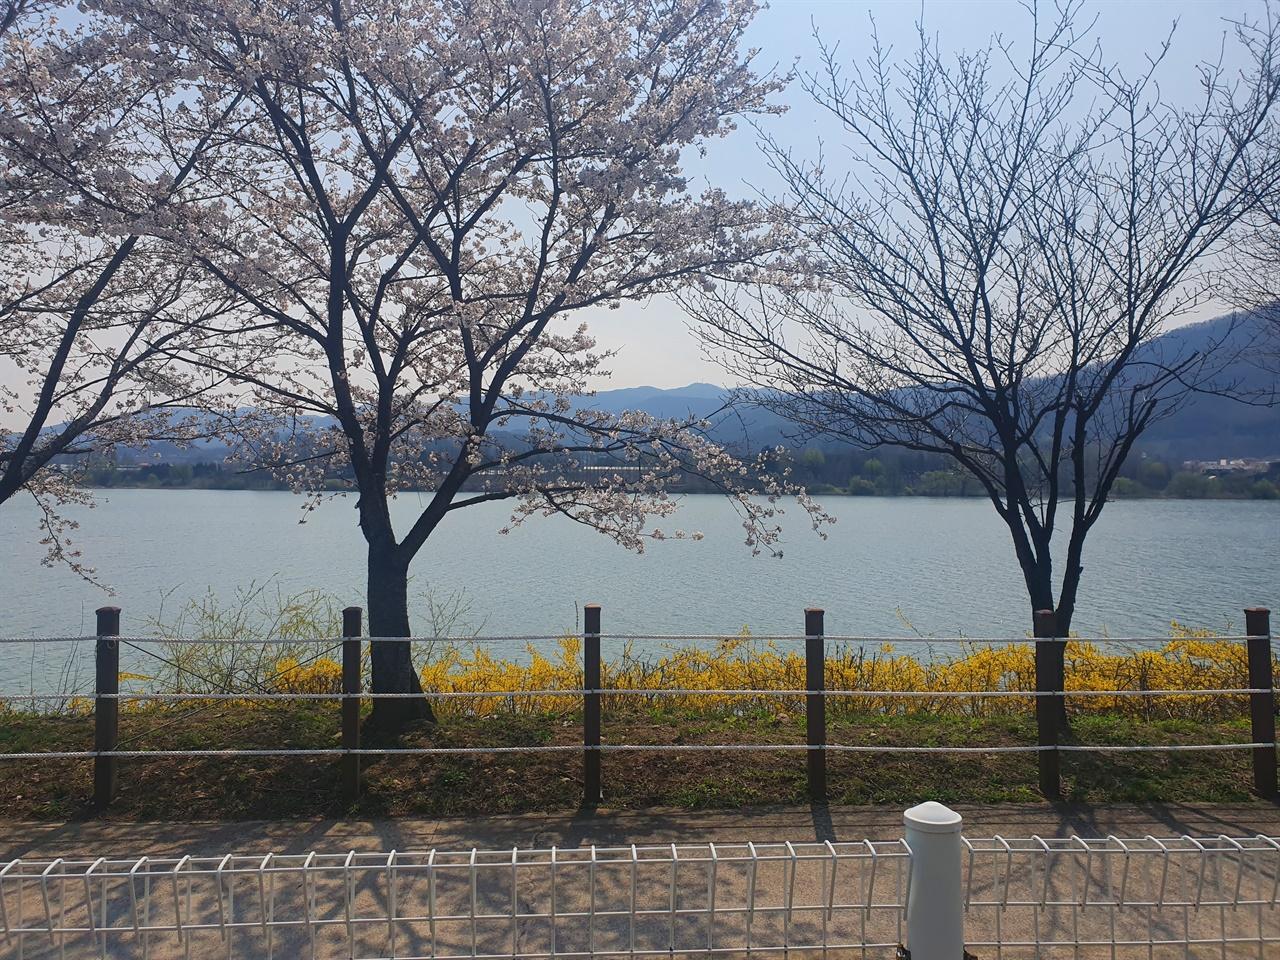 들꽃수목원의 화사한 봄 풍경 들꽃수목원의 벤치에 앉아 한없이 남한강을 바라보면 세상근심이 모두 사라진다. 화사한 봄꽃의 풍경에 나의 마음도 한 없이 녹는다.